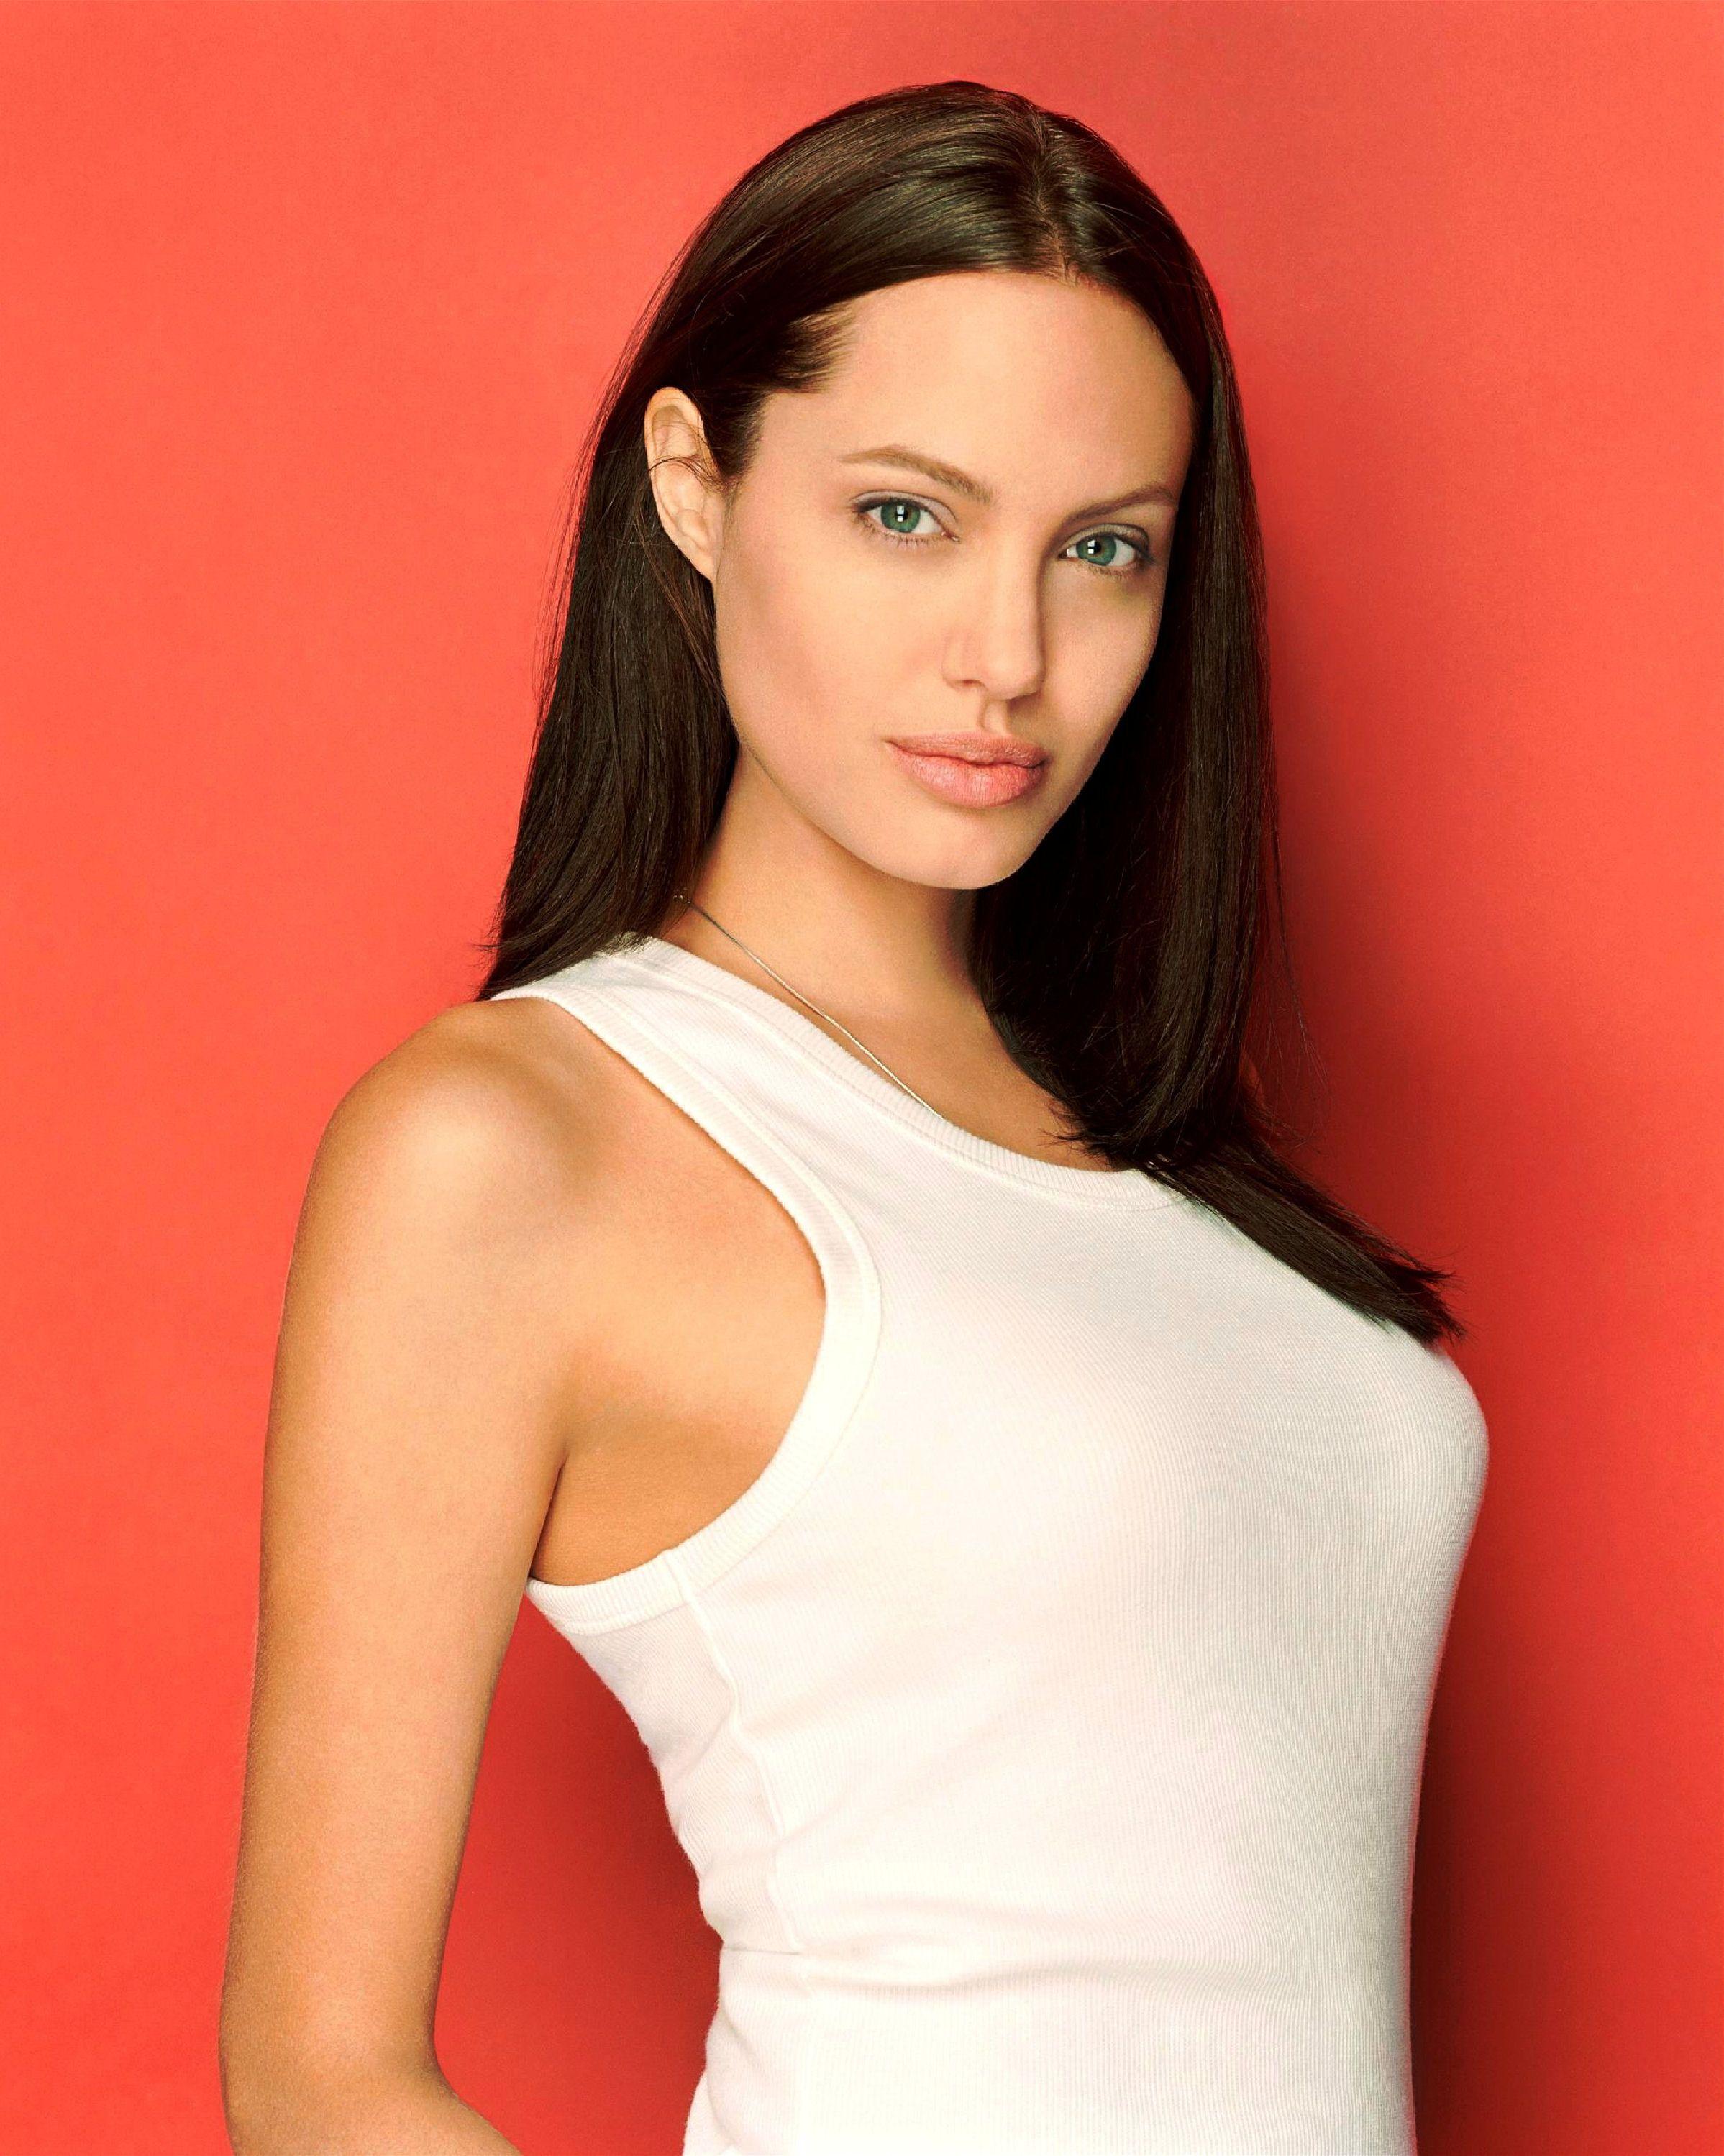 Angelina Jolie Straight Dark Hair  Beautiful People In -1405